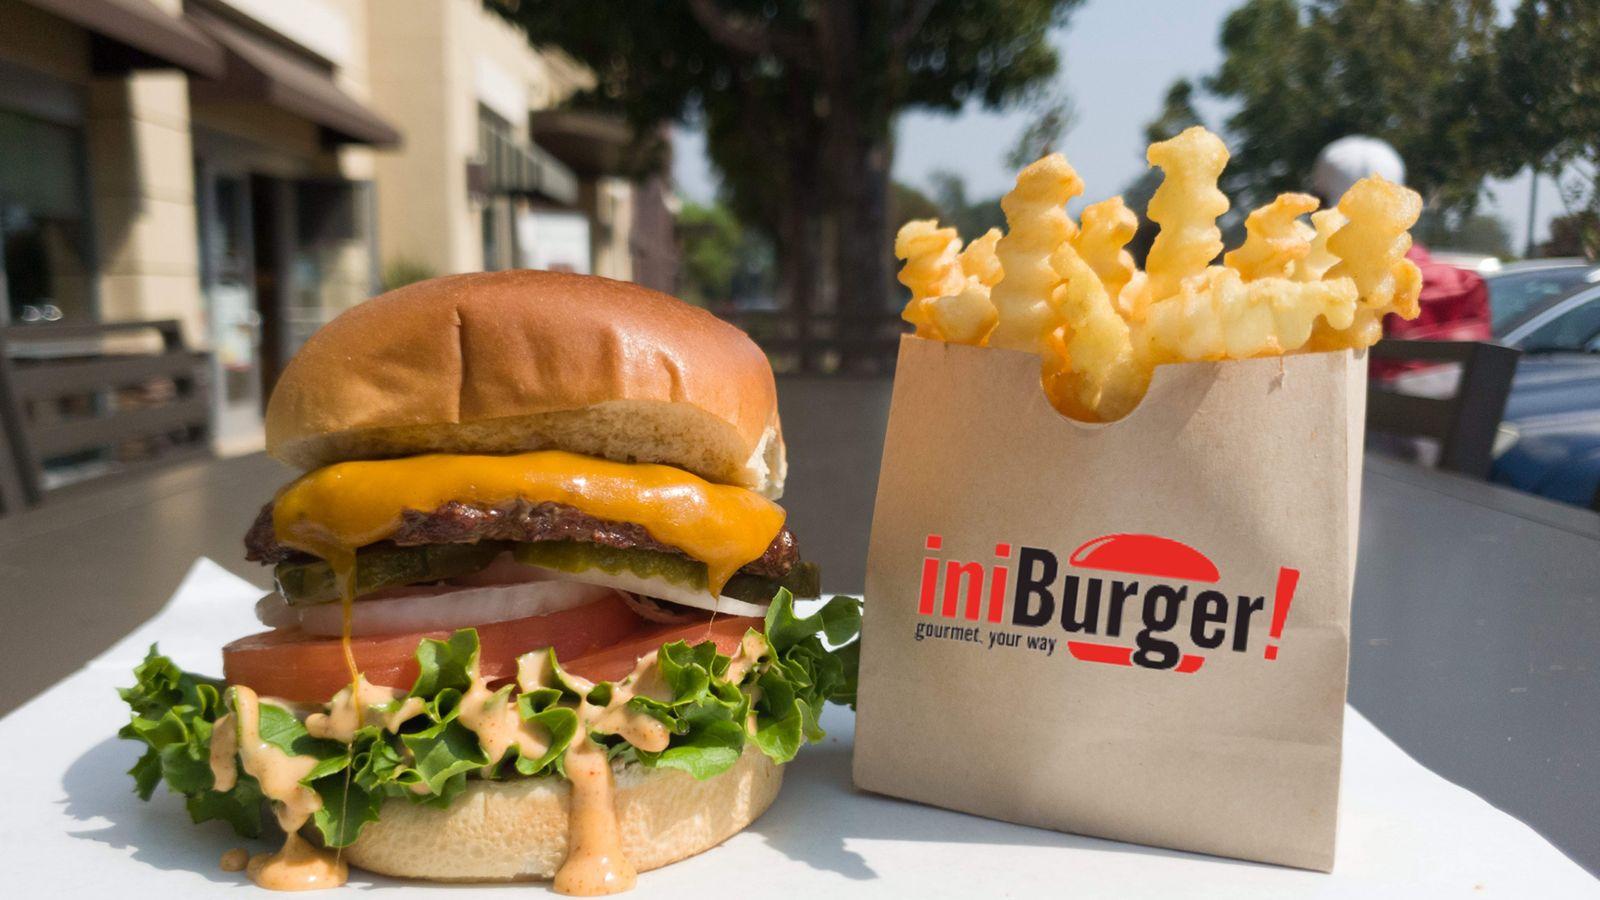 iniBurger, le concept de hamburger axé sur la communauté de la région de la baie, fera don d'un pourcentage des ventes d'août et de septembre à l'International Rescue Committee